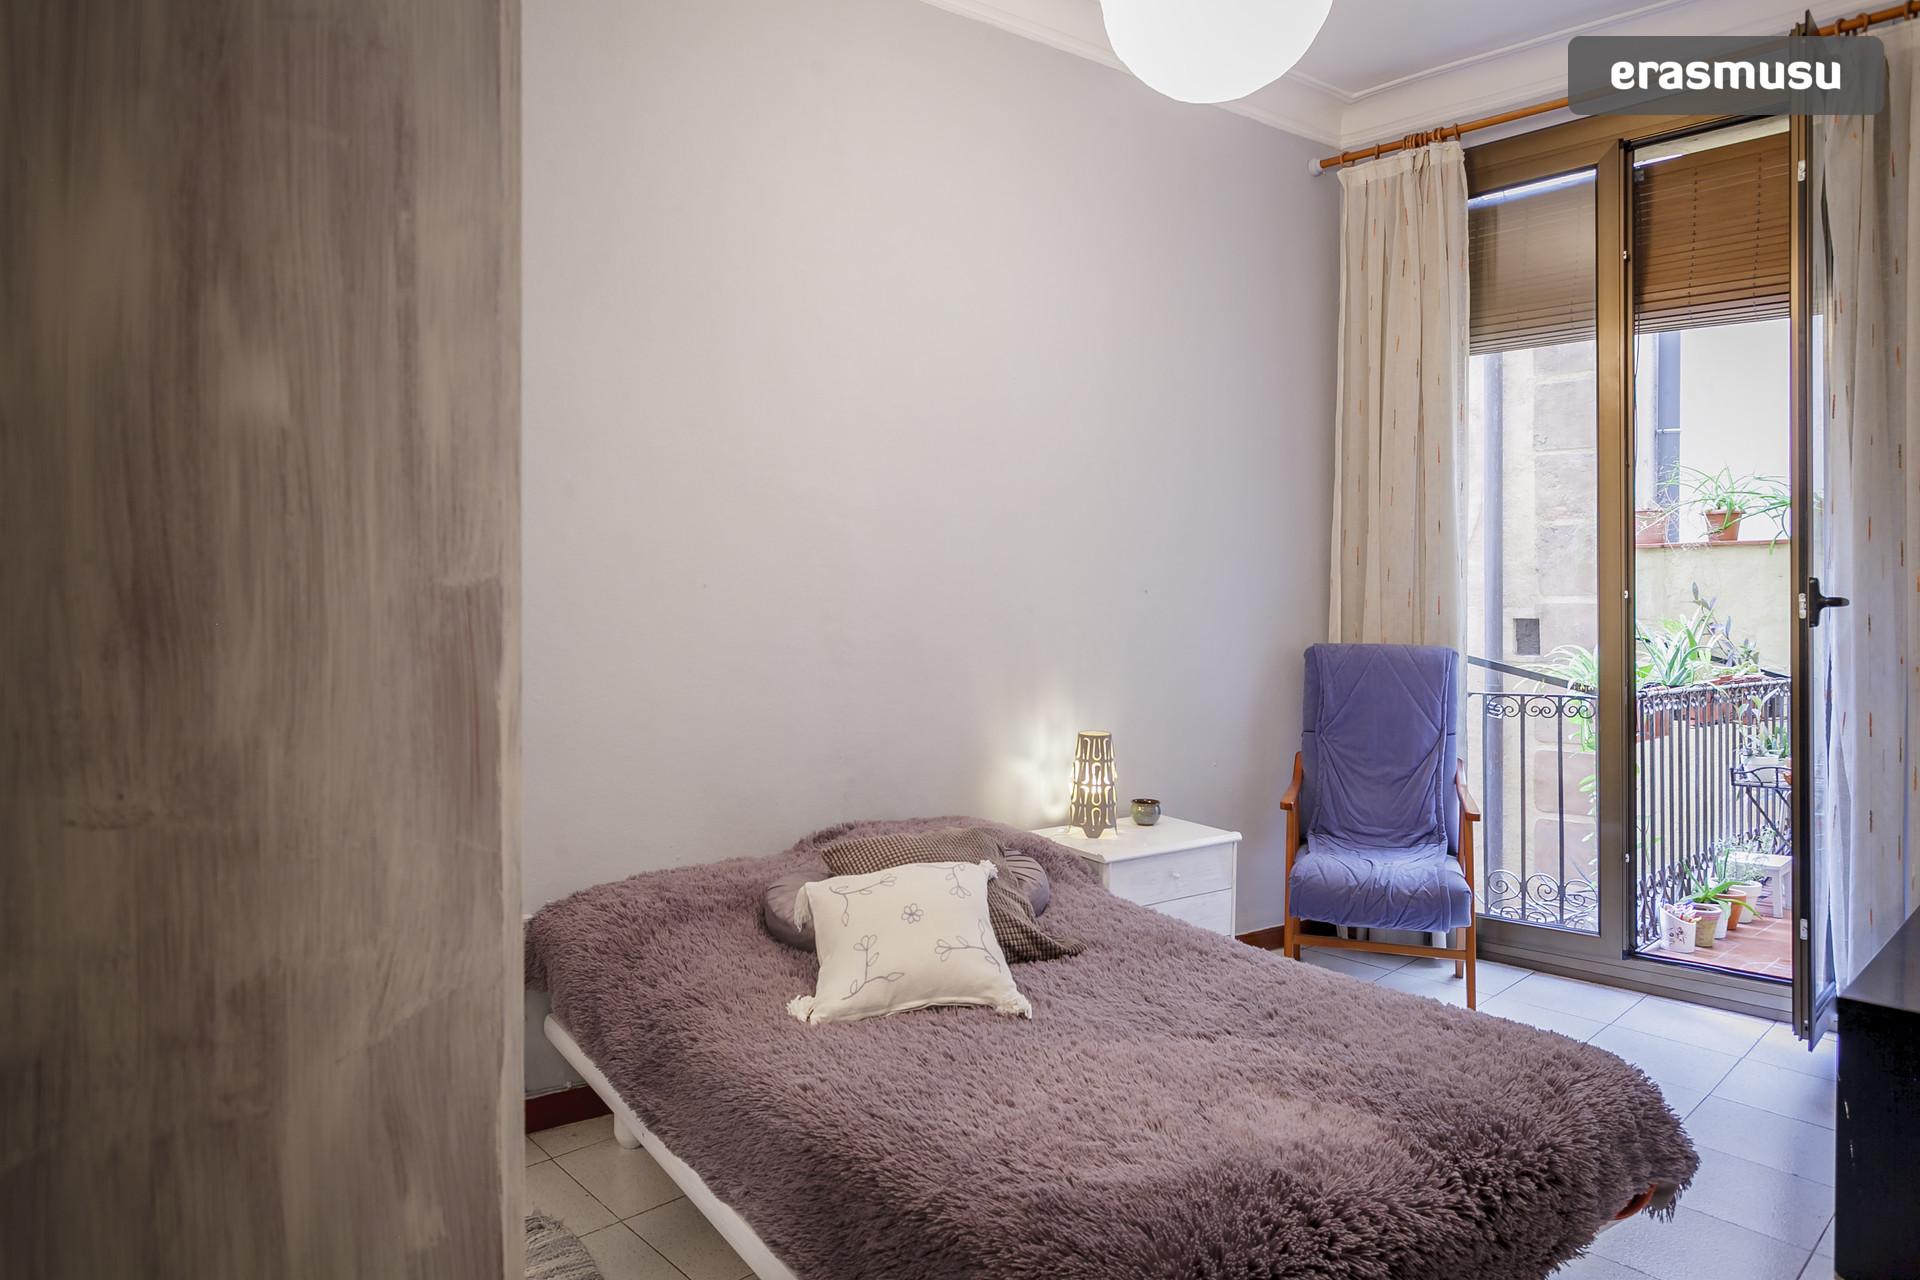 Estupenda habitacion en amplio piso y excelente ubicacion.